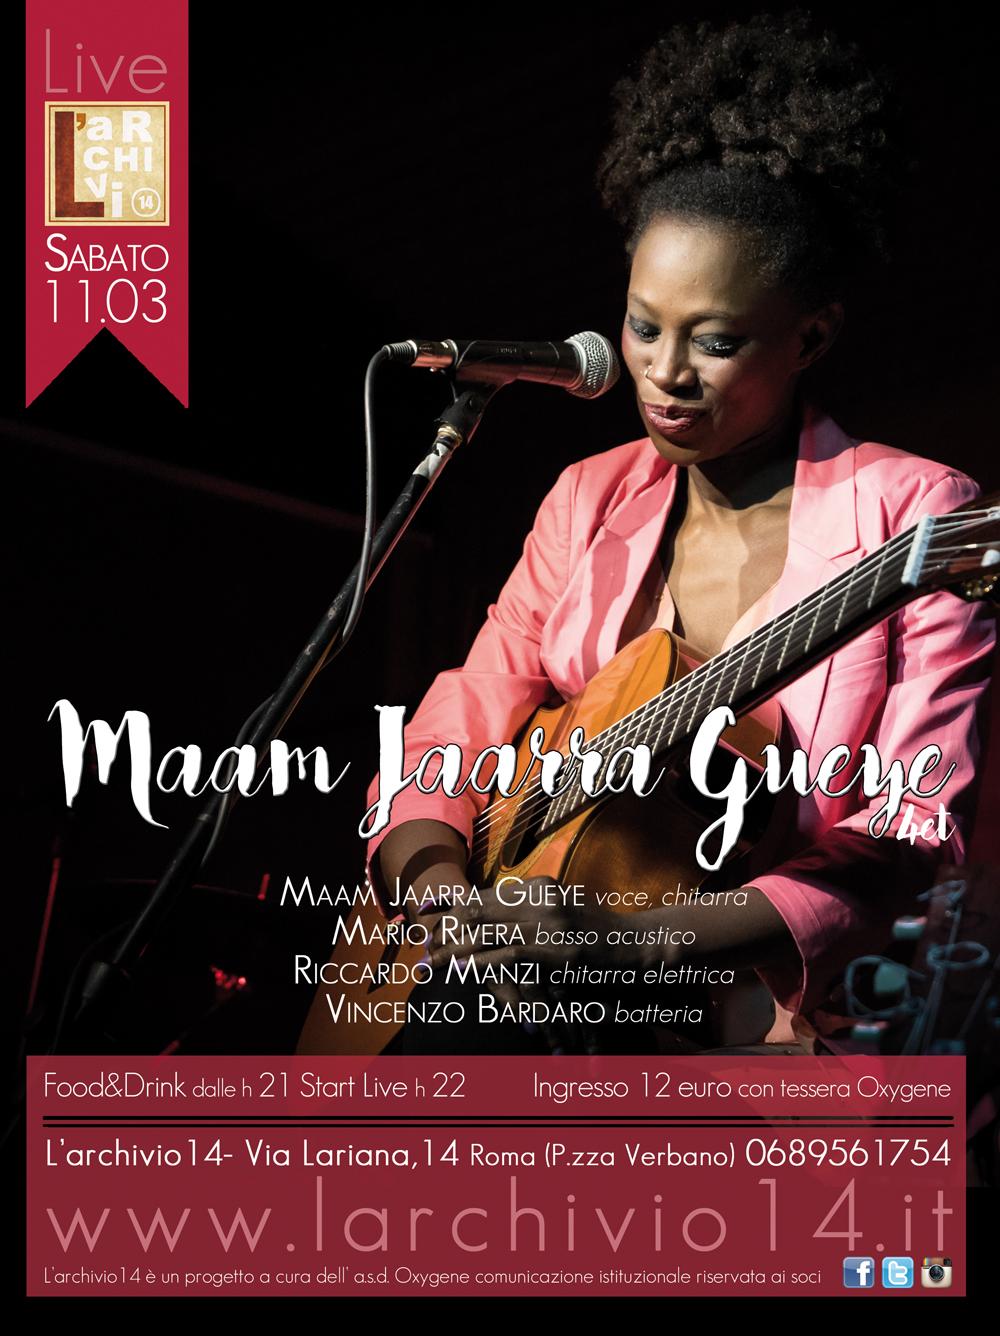 Maam Jaarra Gueye 4et </br> 11 marzo